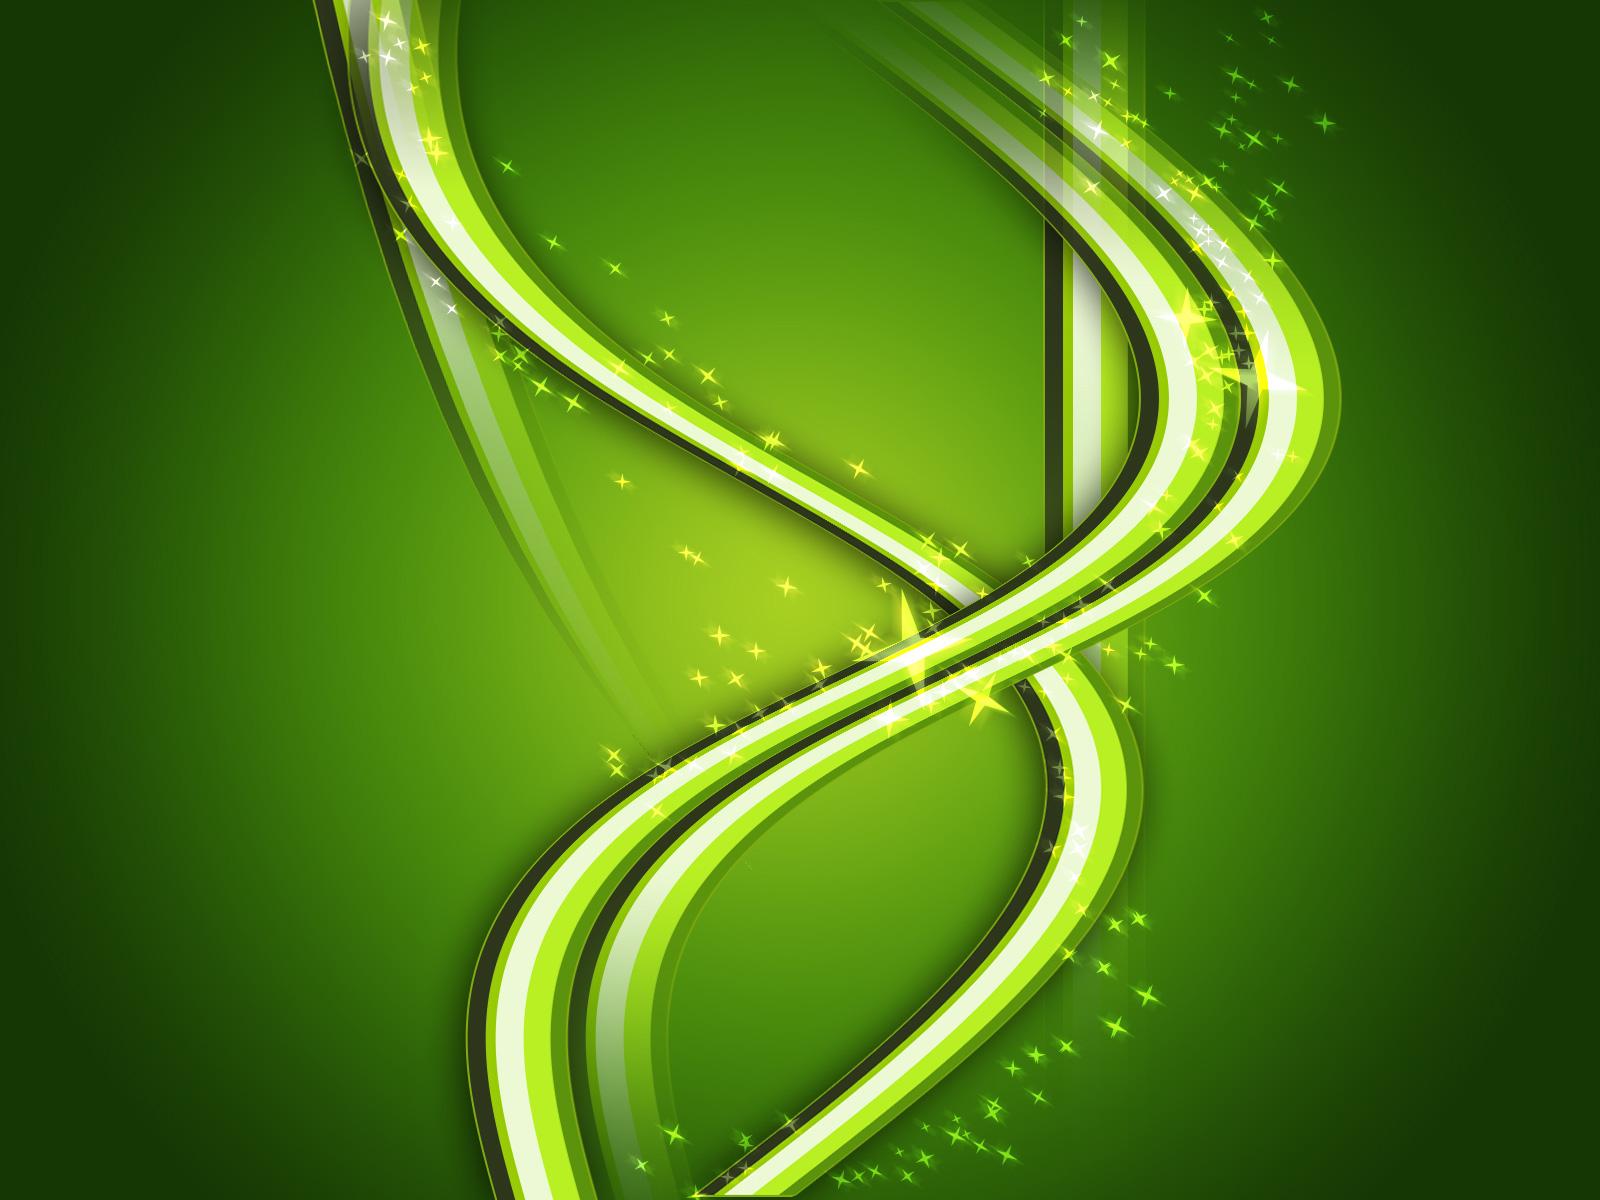 http://3.bp.blogspot.com/_07B4Yr0Rtw0/TFJWqeBF63I/AAAAAAAABQ8/FzjvHA67jyU/s1600/art-wallpaper-with-stars.jpg